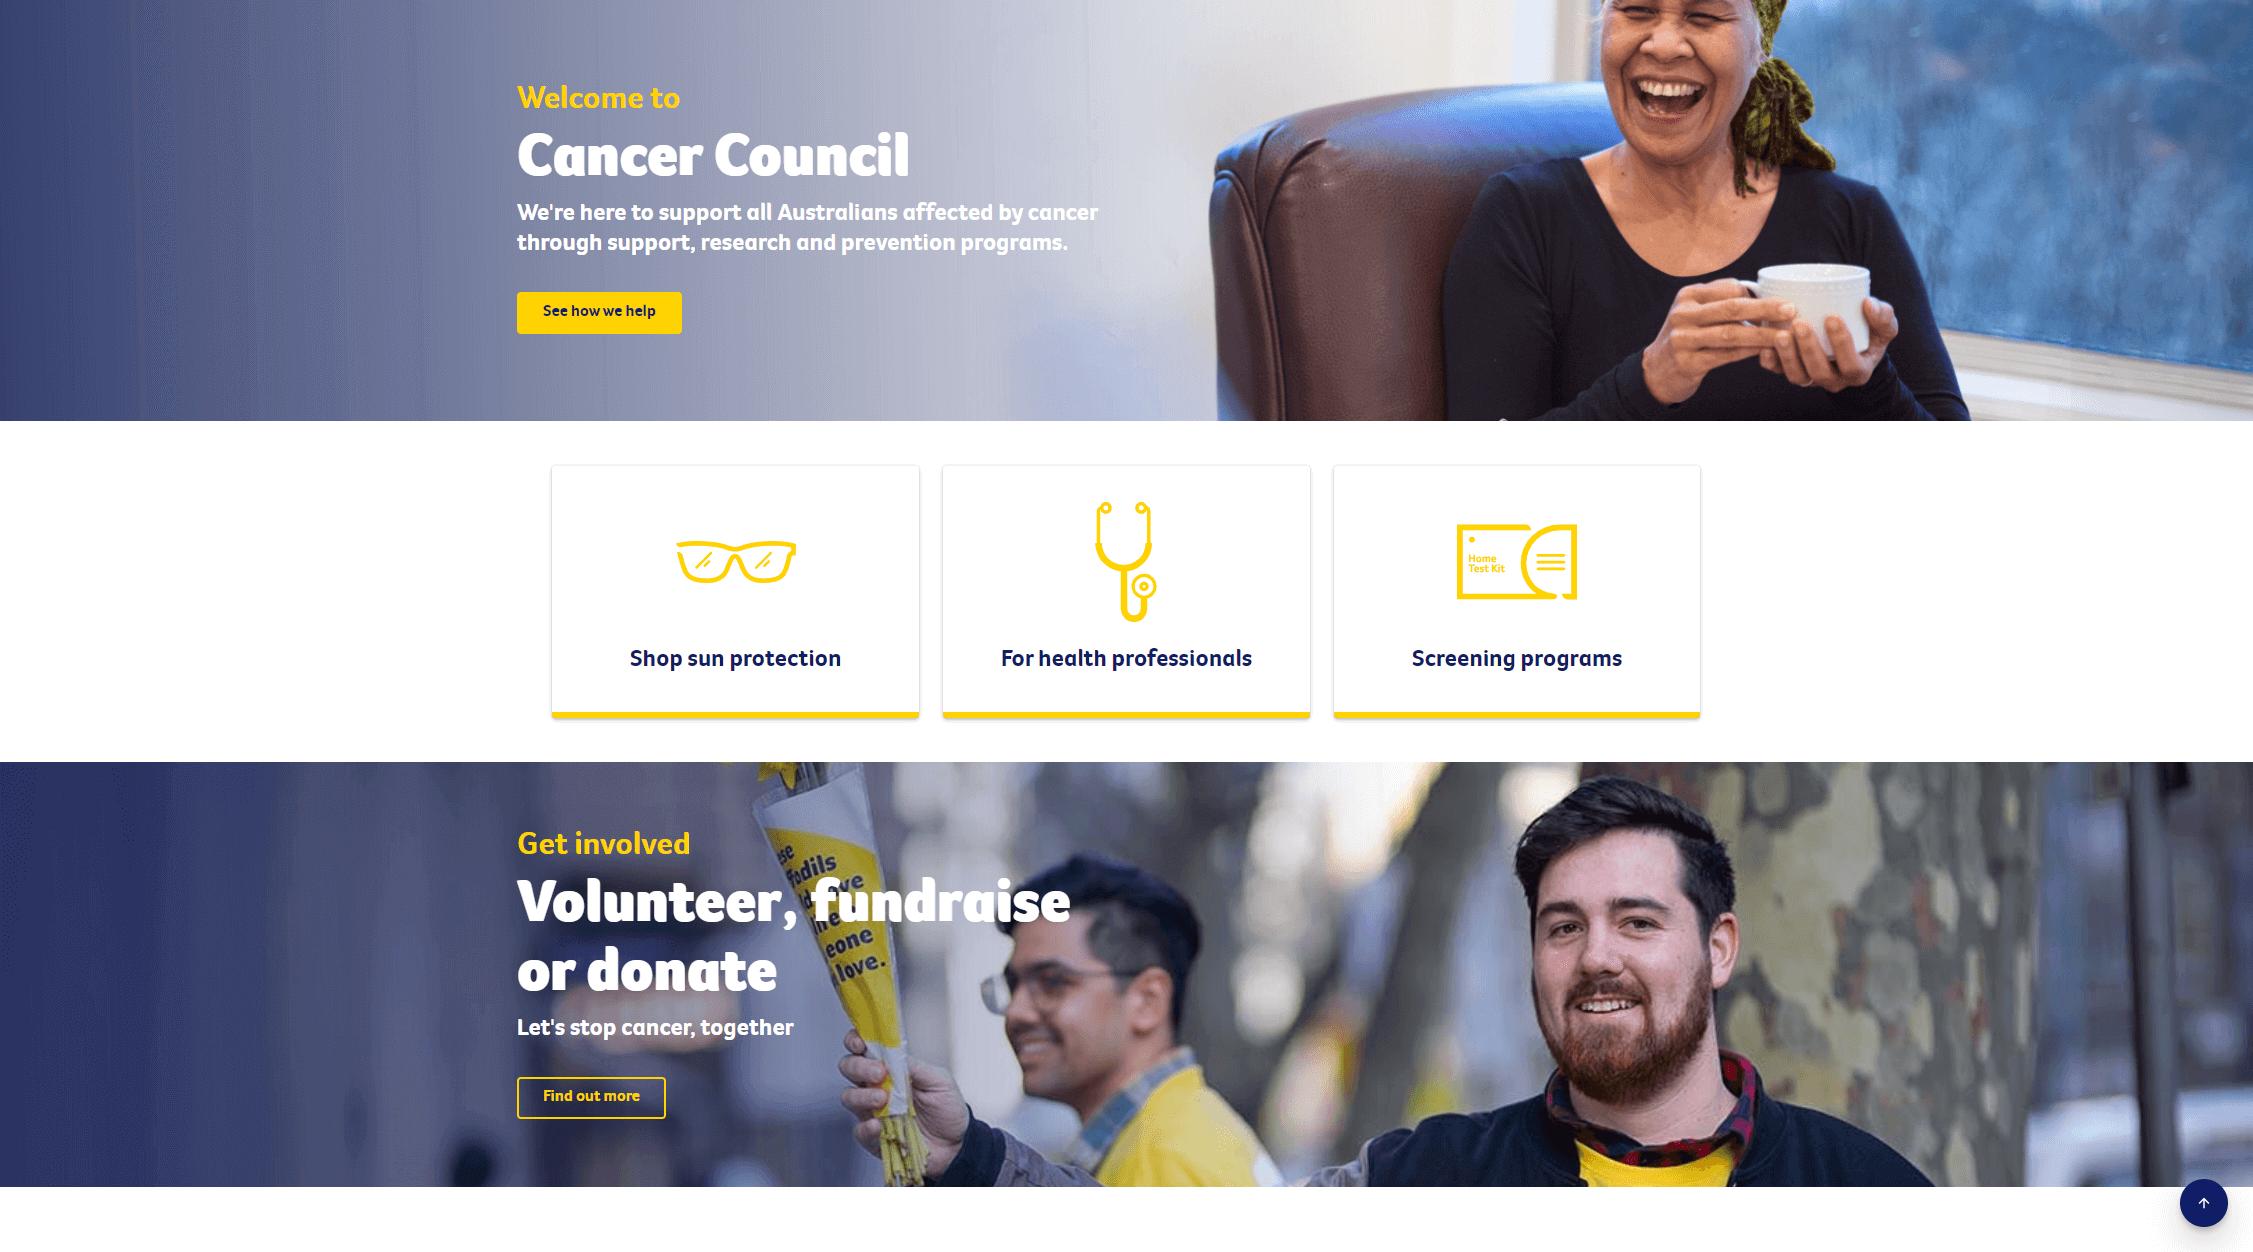 www.cancer.org.au-2